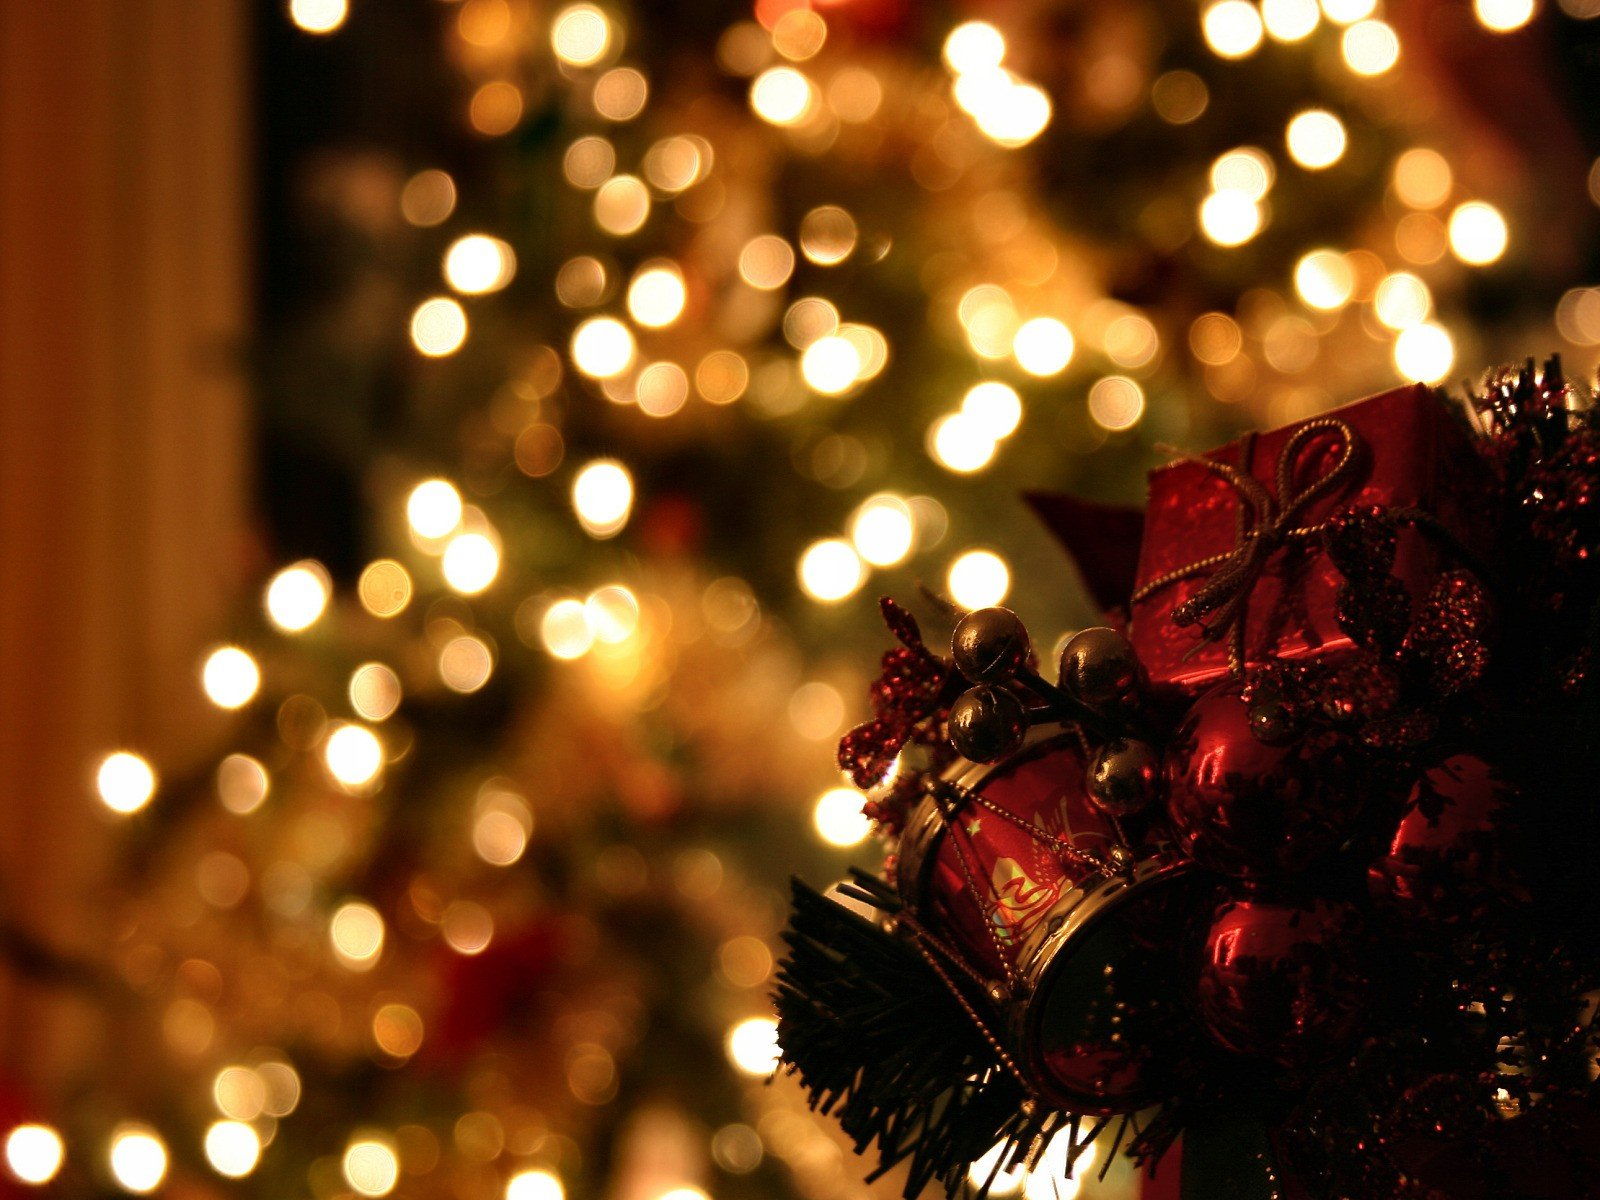 рождество, игрушки, огоньки без смс